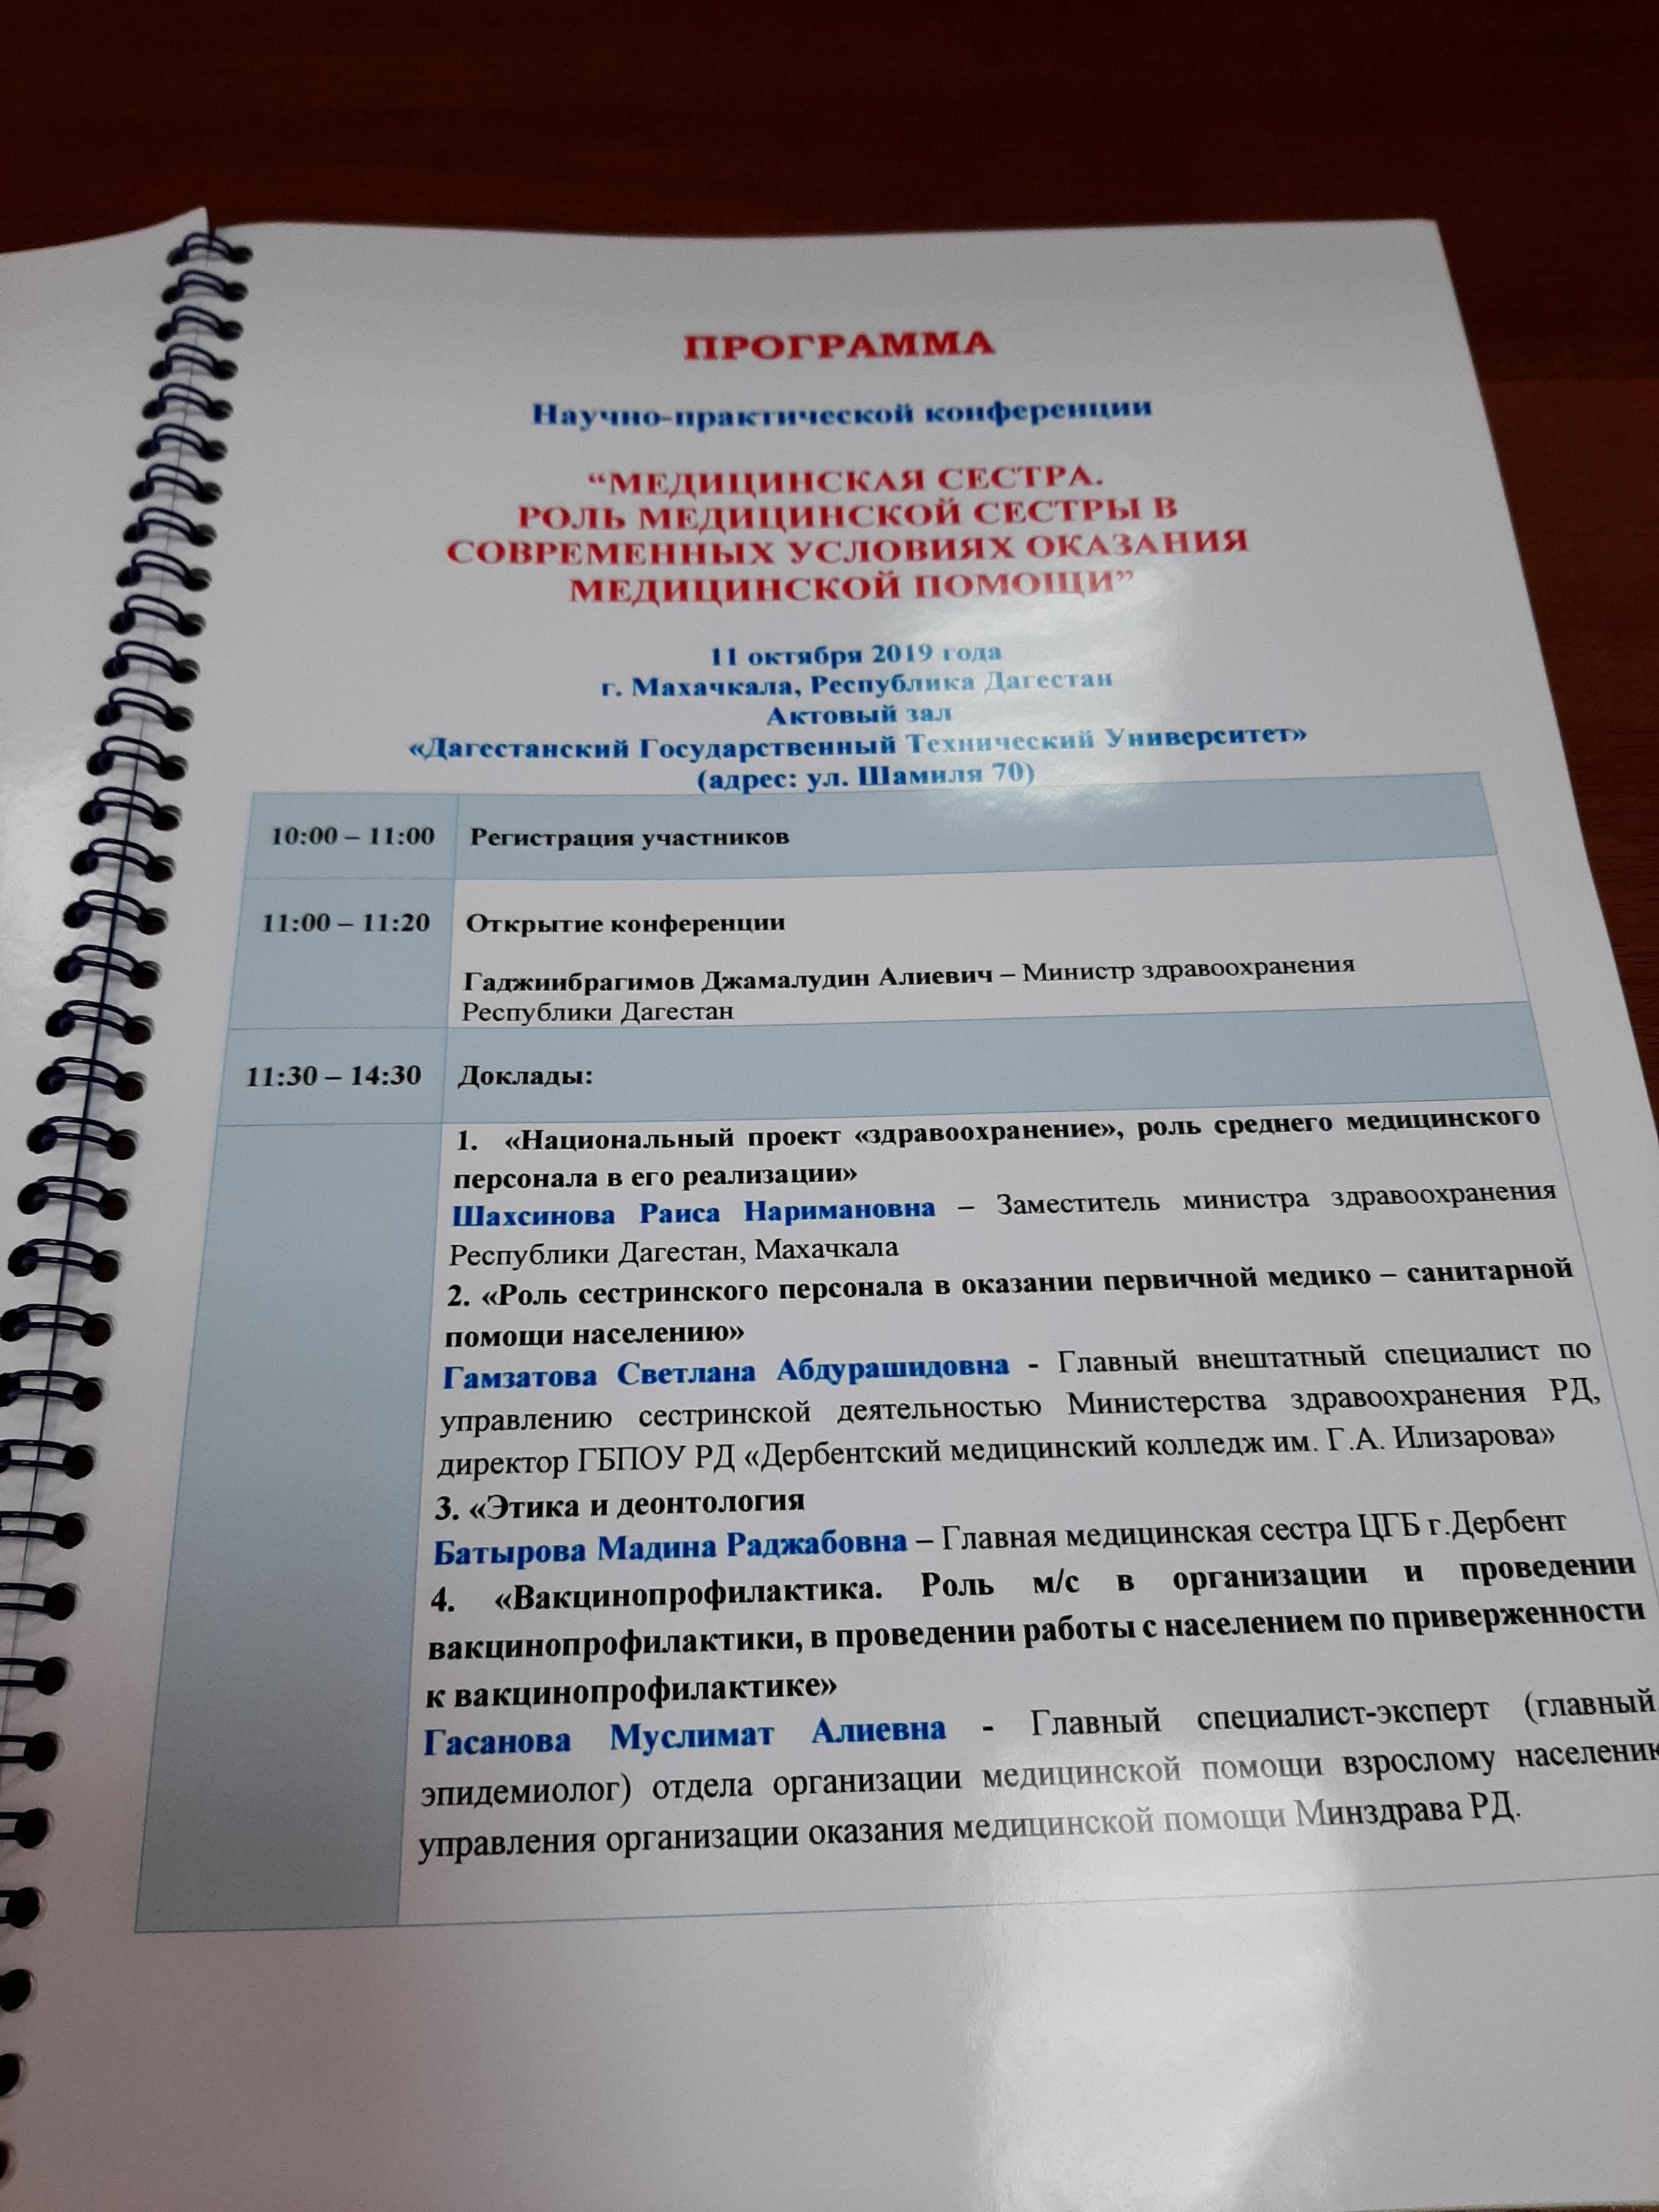 омб программа на конференции в дагестане